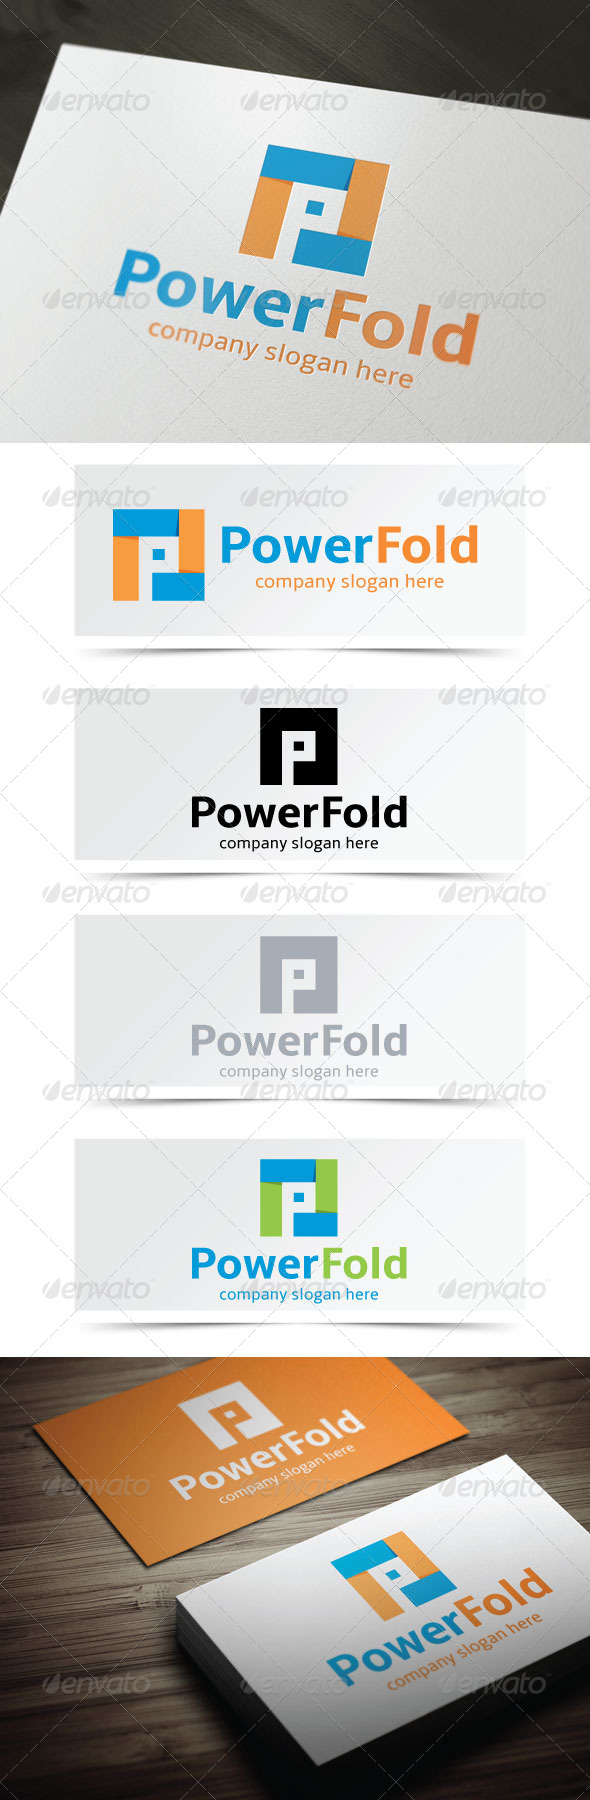 GraphicRiver Power Fold 4949458